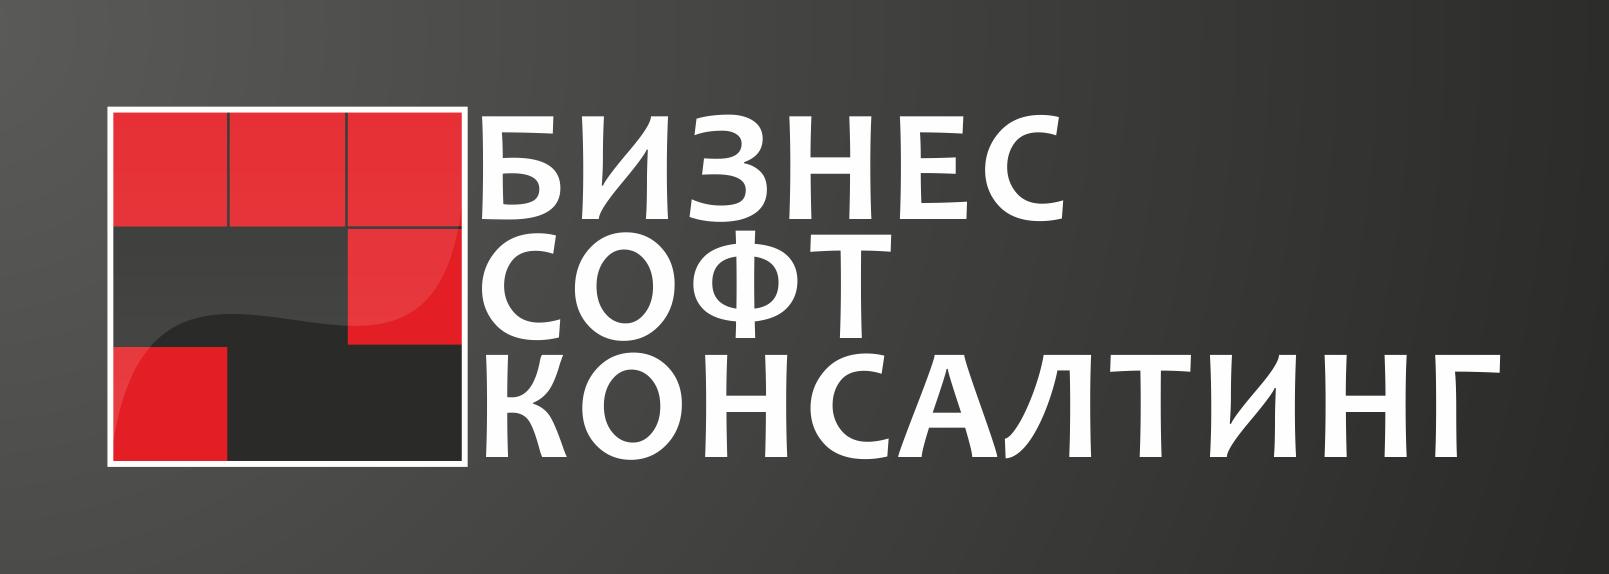 Разработать логотип со смыслом для компании-разработчика ПО фото f_50473fae02a40.png